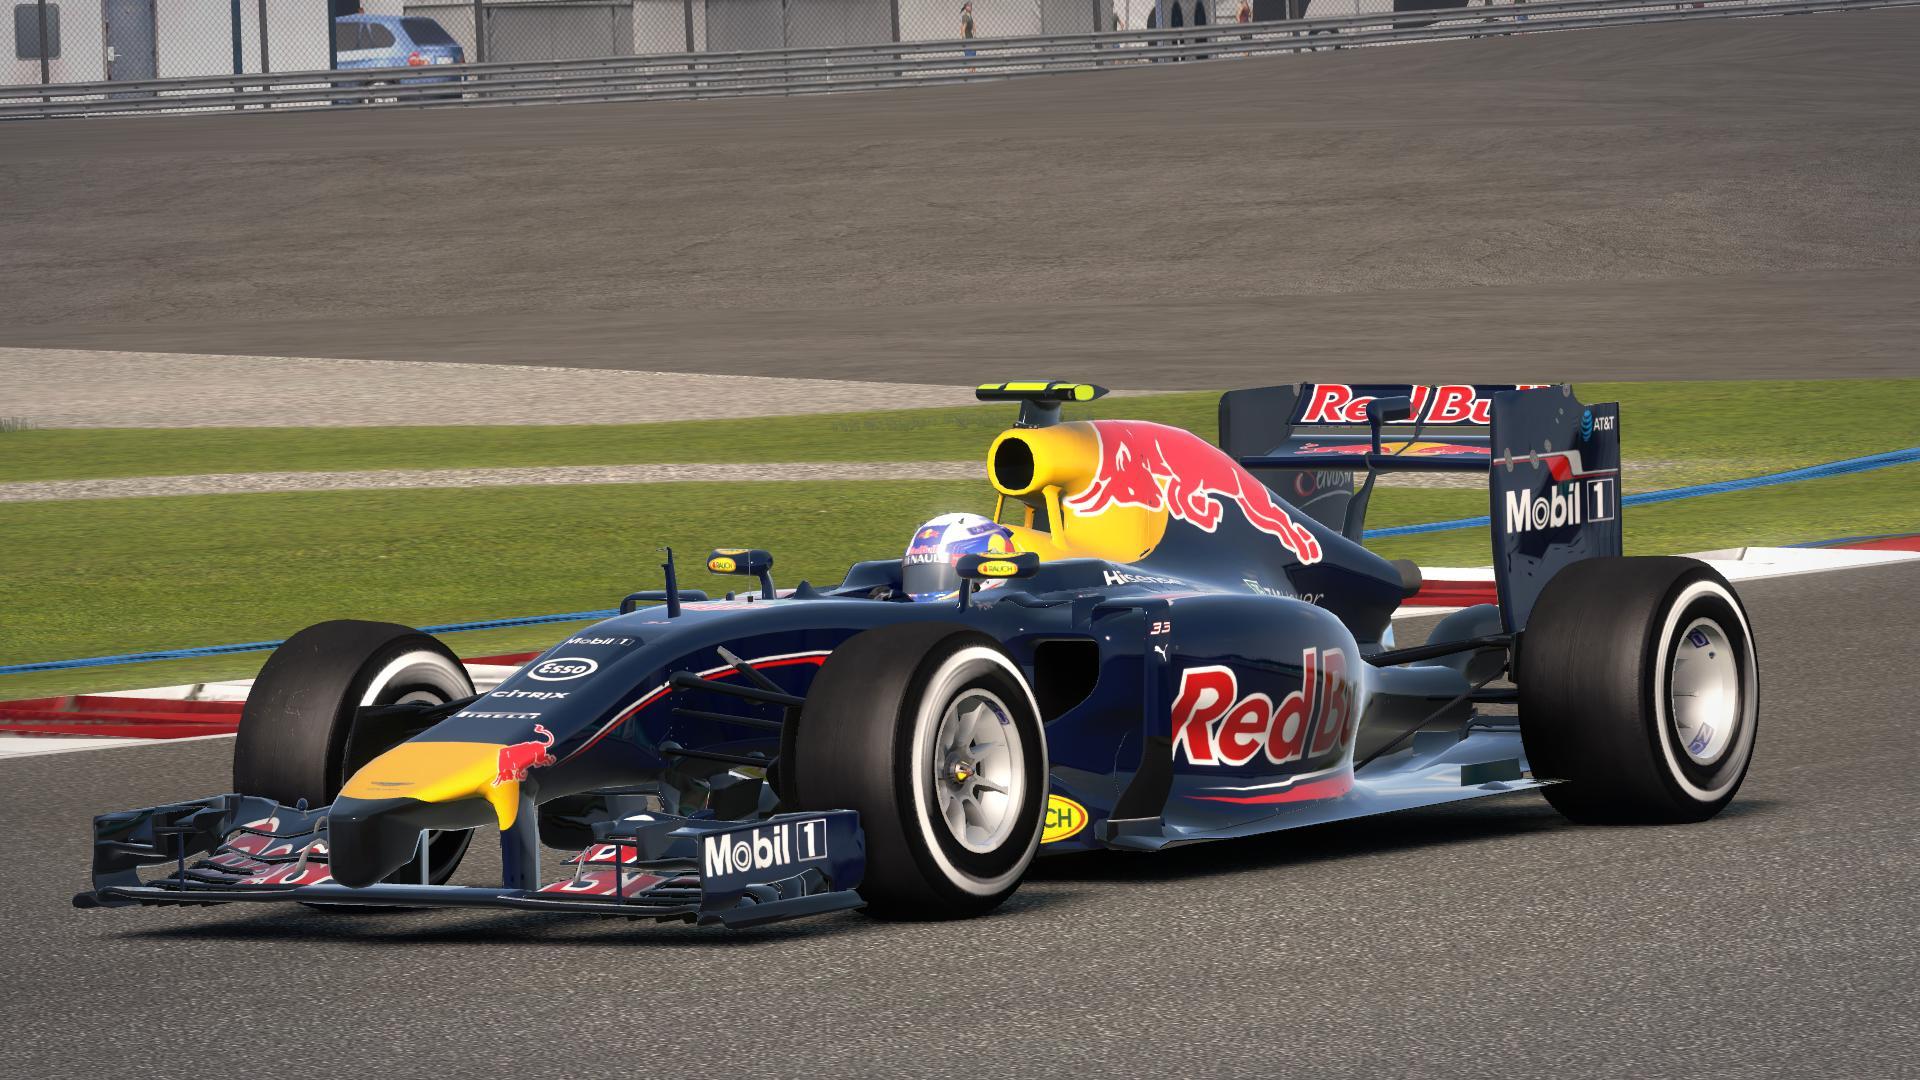 F1_2014 2017-03-09 17-19-55-62.jpg